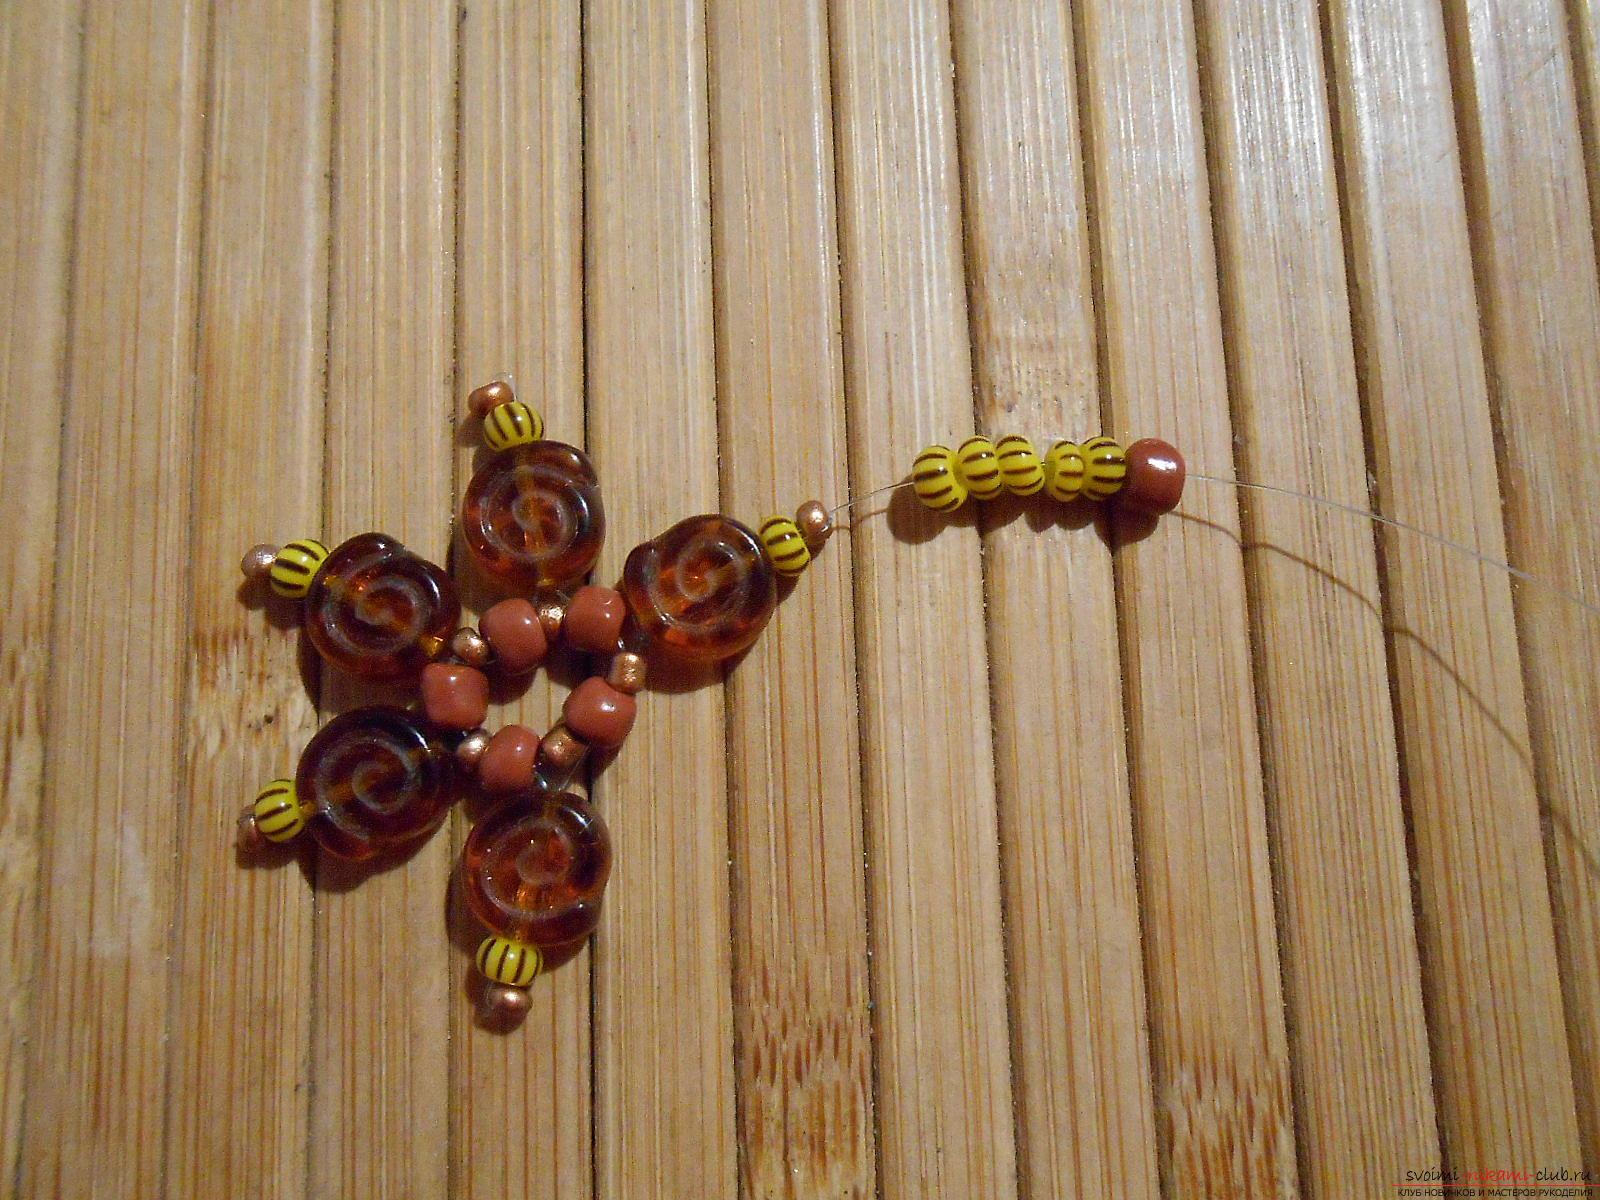 Быстрое изготовление сережек своими руками из бисера при помощи простого руководства с пошаговыми фото